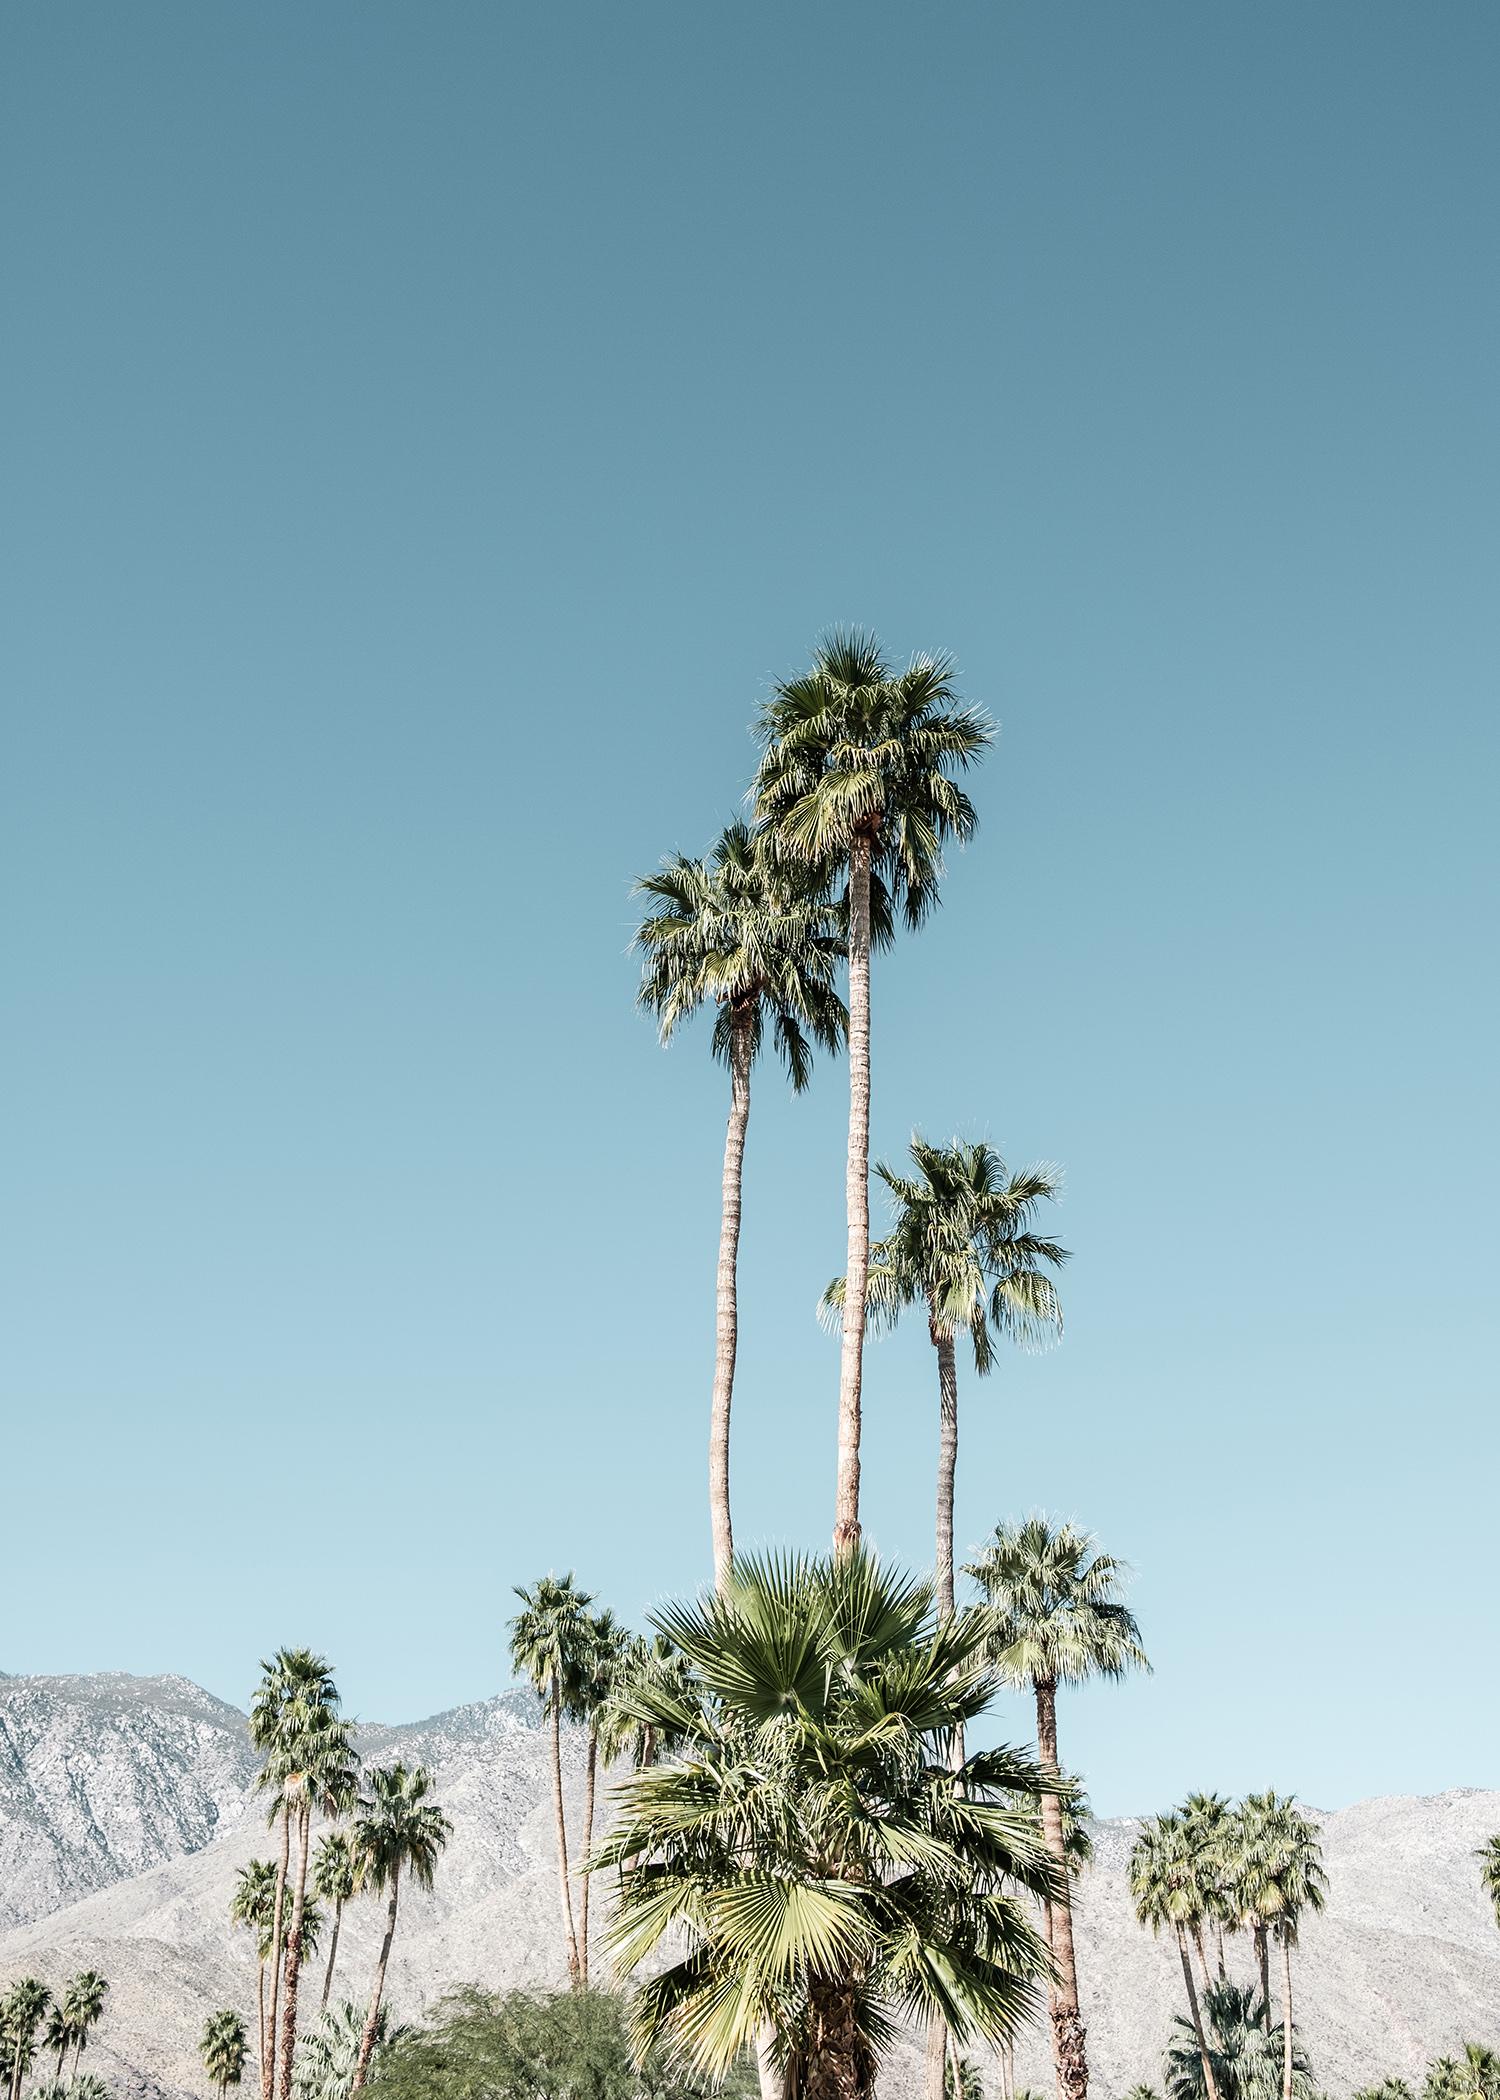 modernism_week_palm_trees_springs_ZIDS4650.jpg